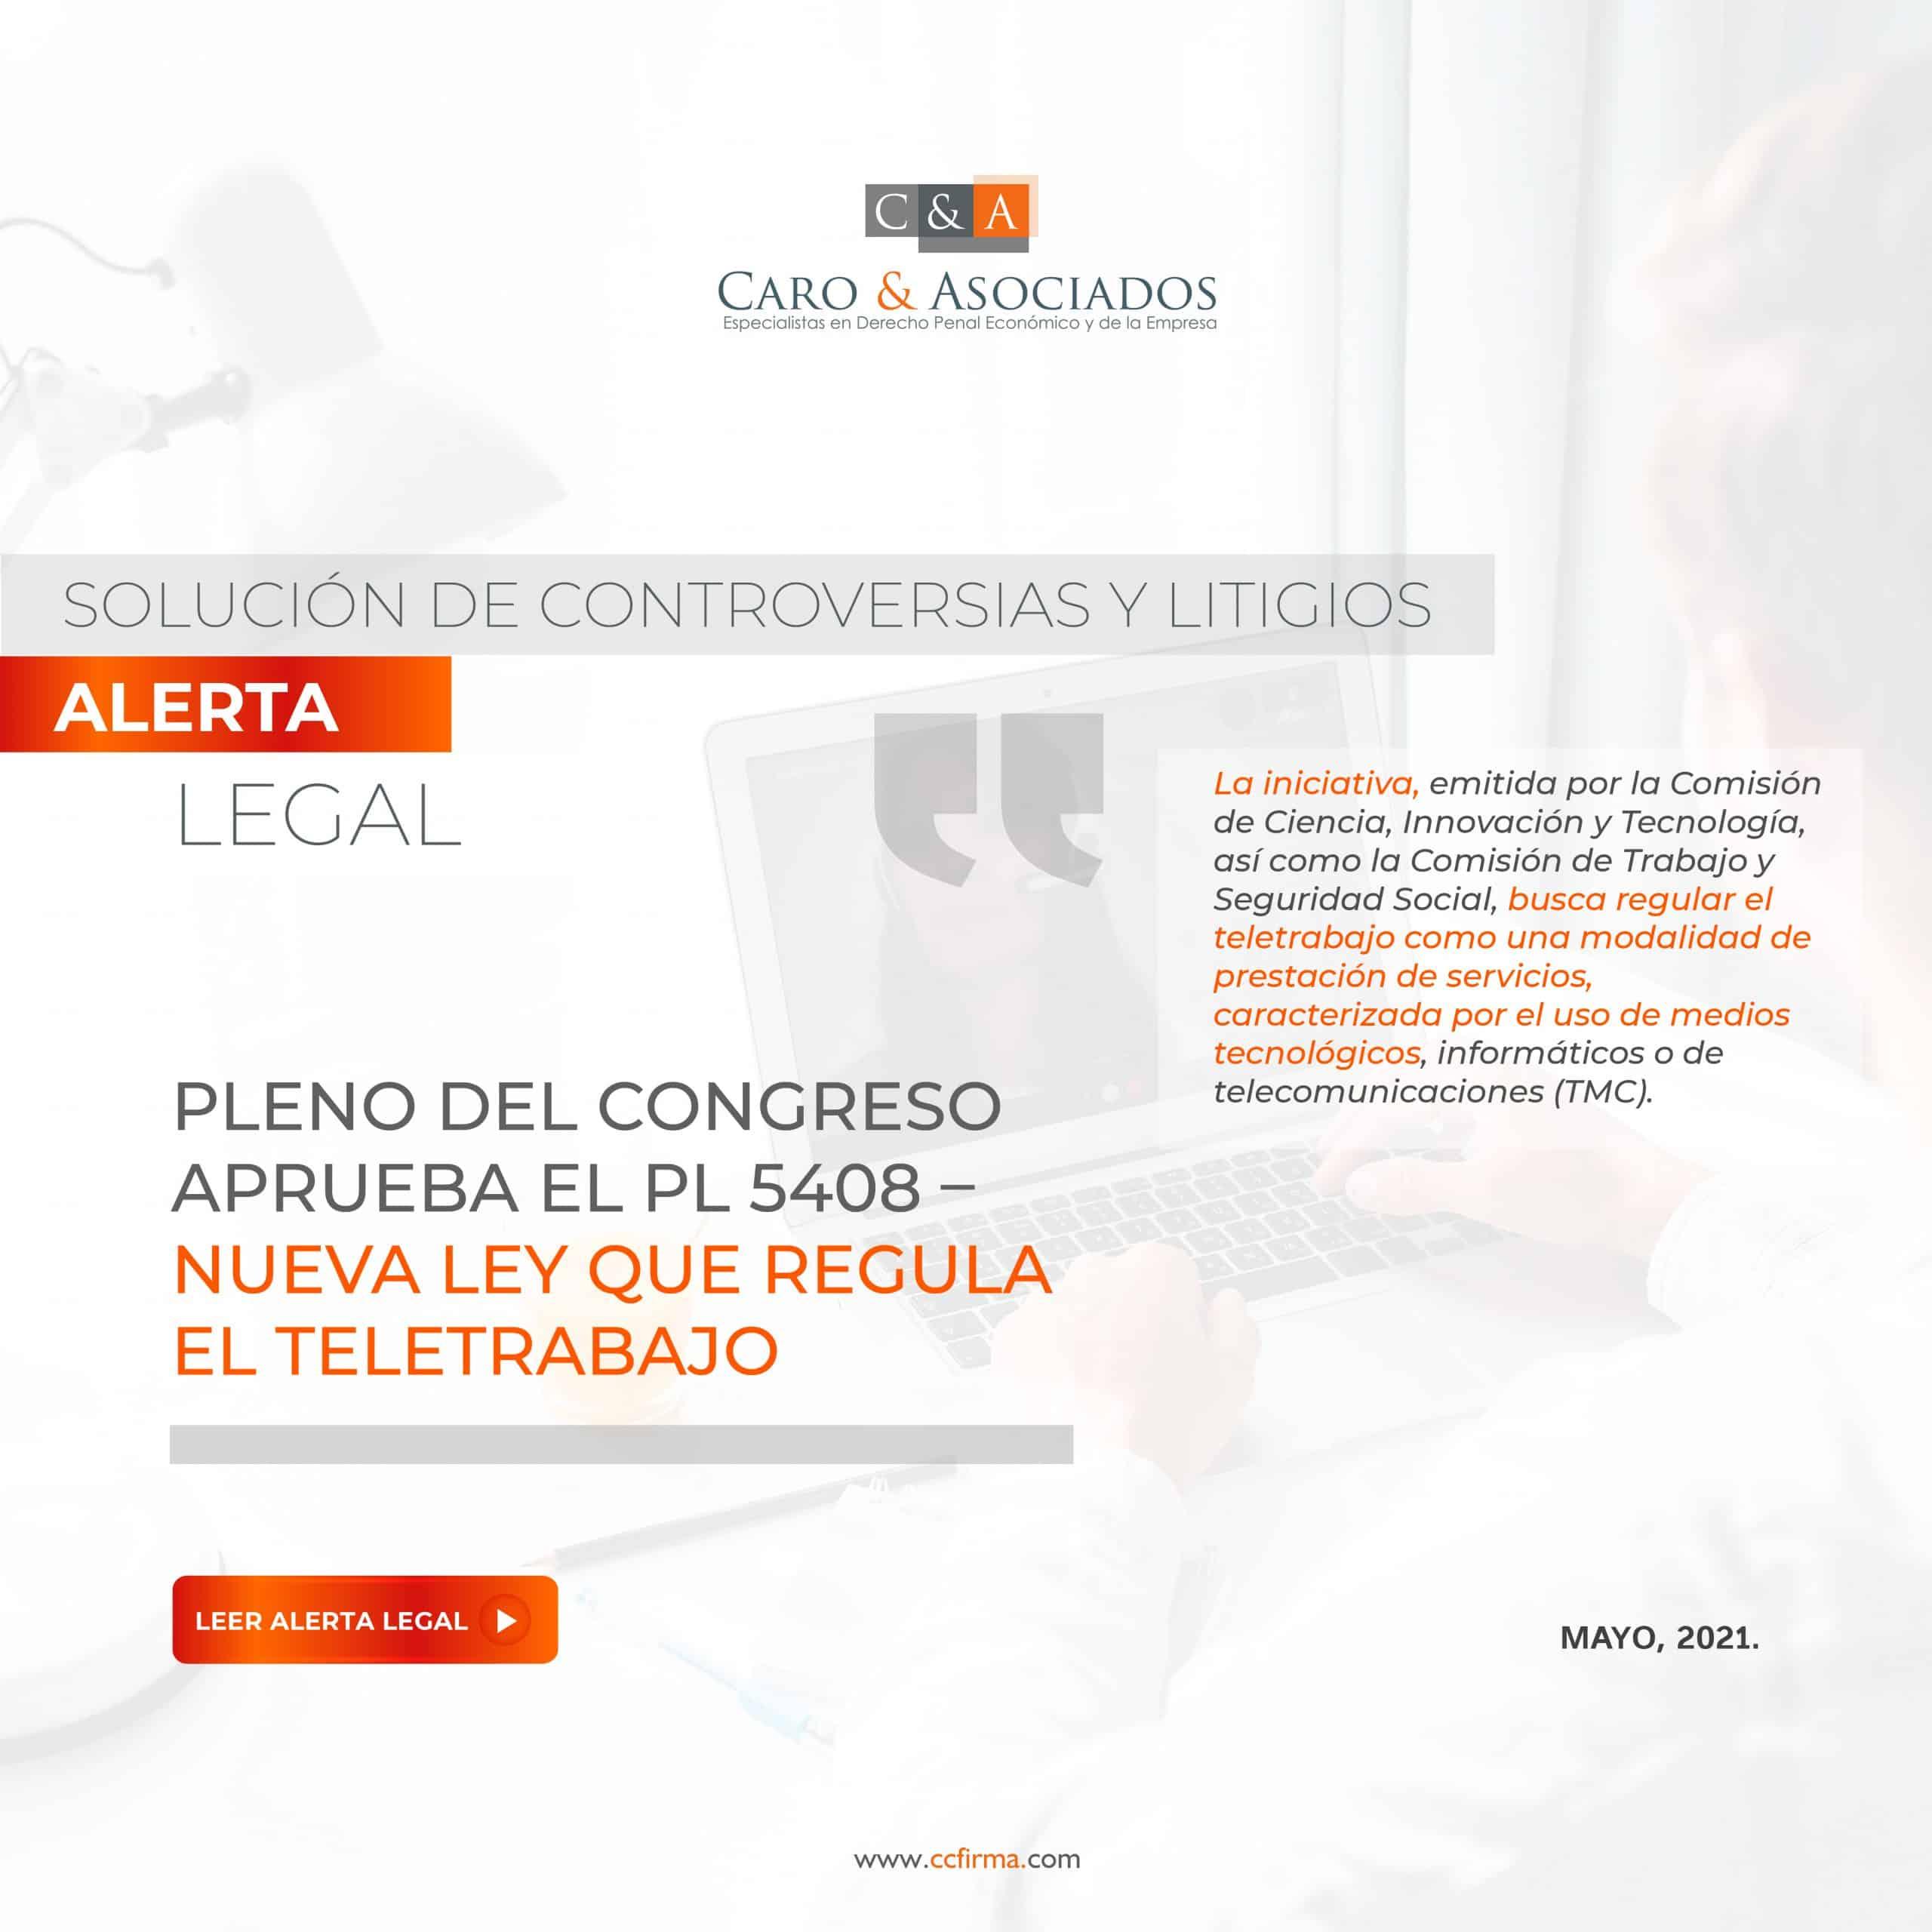 Alerta Legal: Pleno Del Congreso Aprueba El PL 5408 – Nueva Ley Que Regula El Teletrabajo.